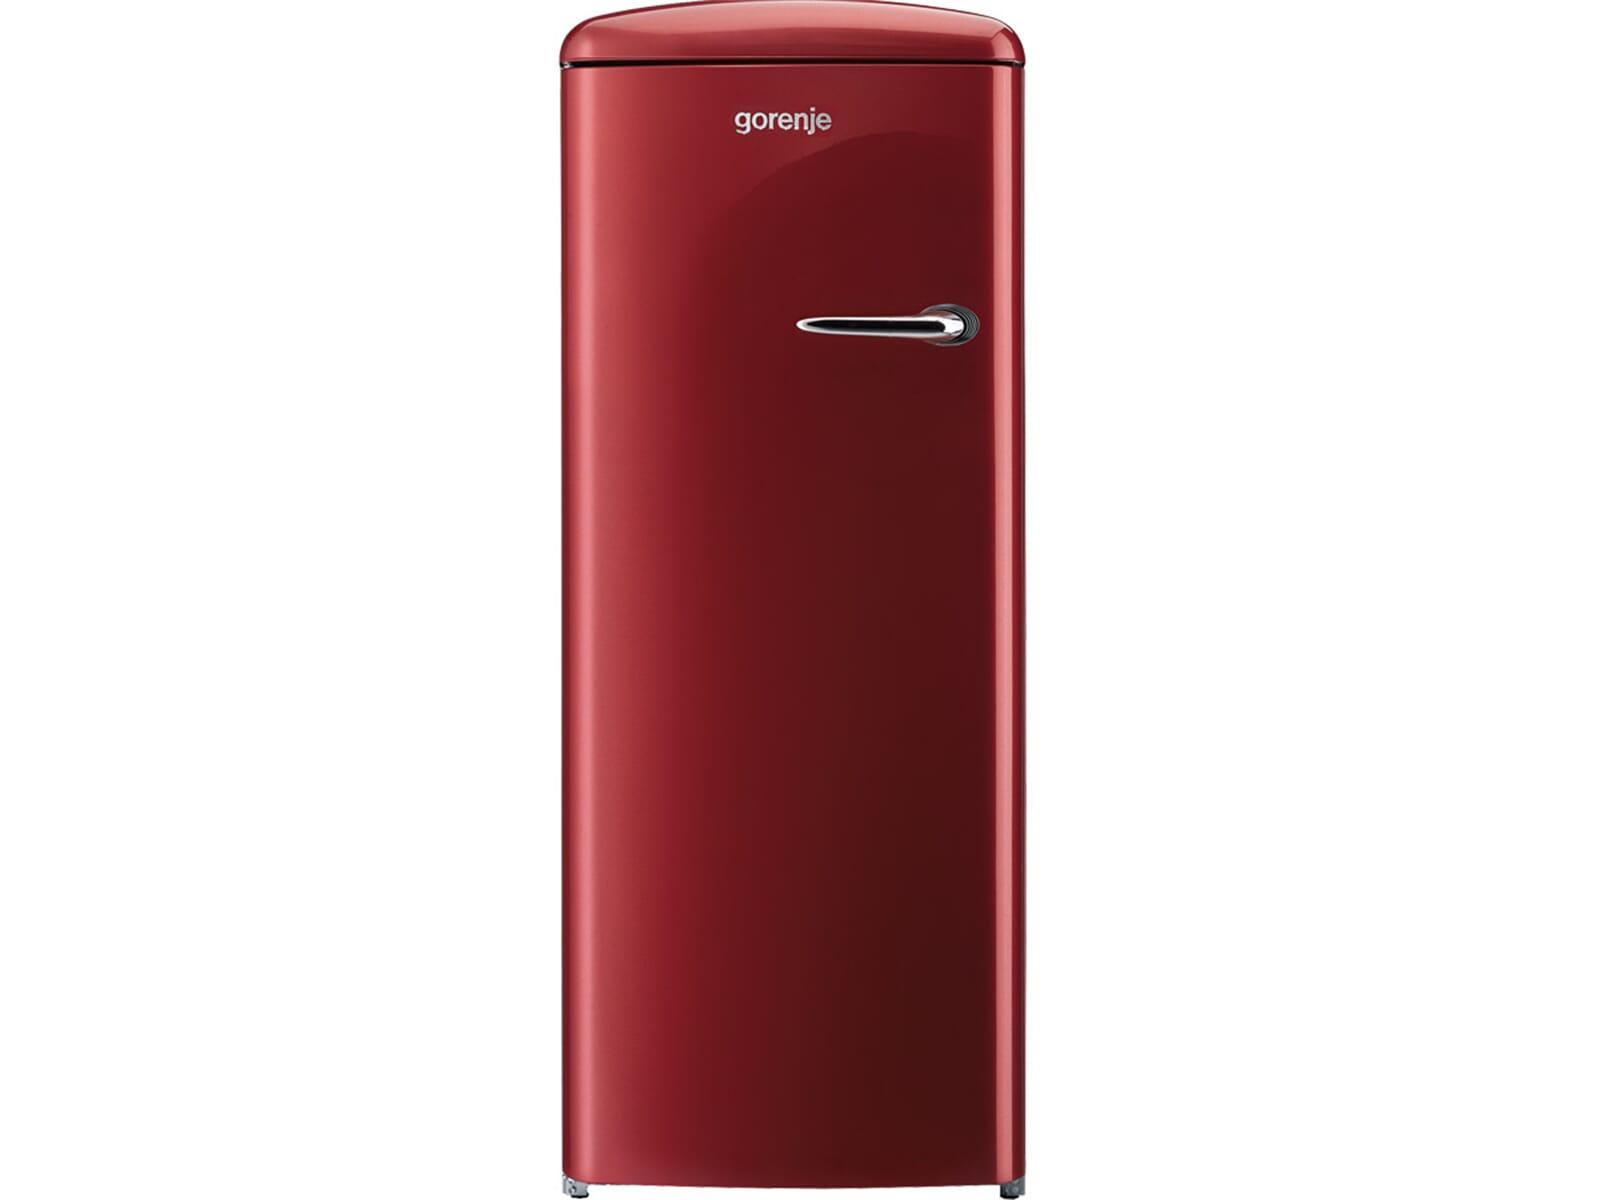 Bosch Kühlschrank 60er Jahre : Bosch mein kühlschrank bedienungsanleitung u pl s mc